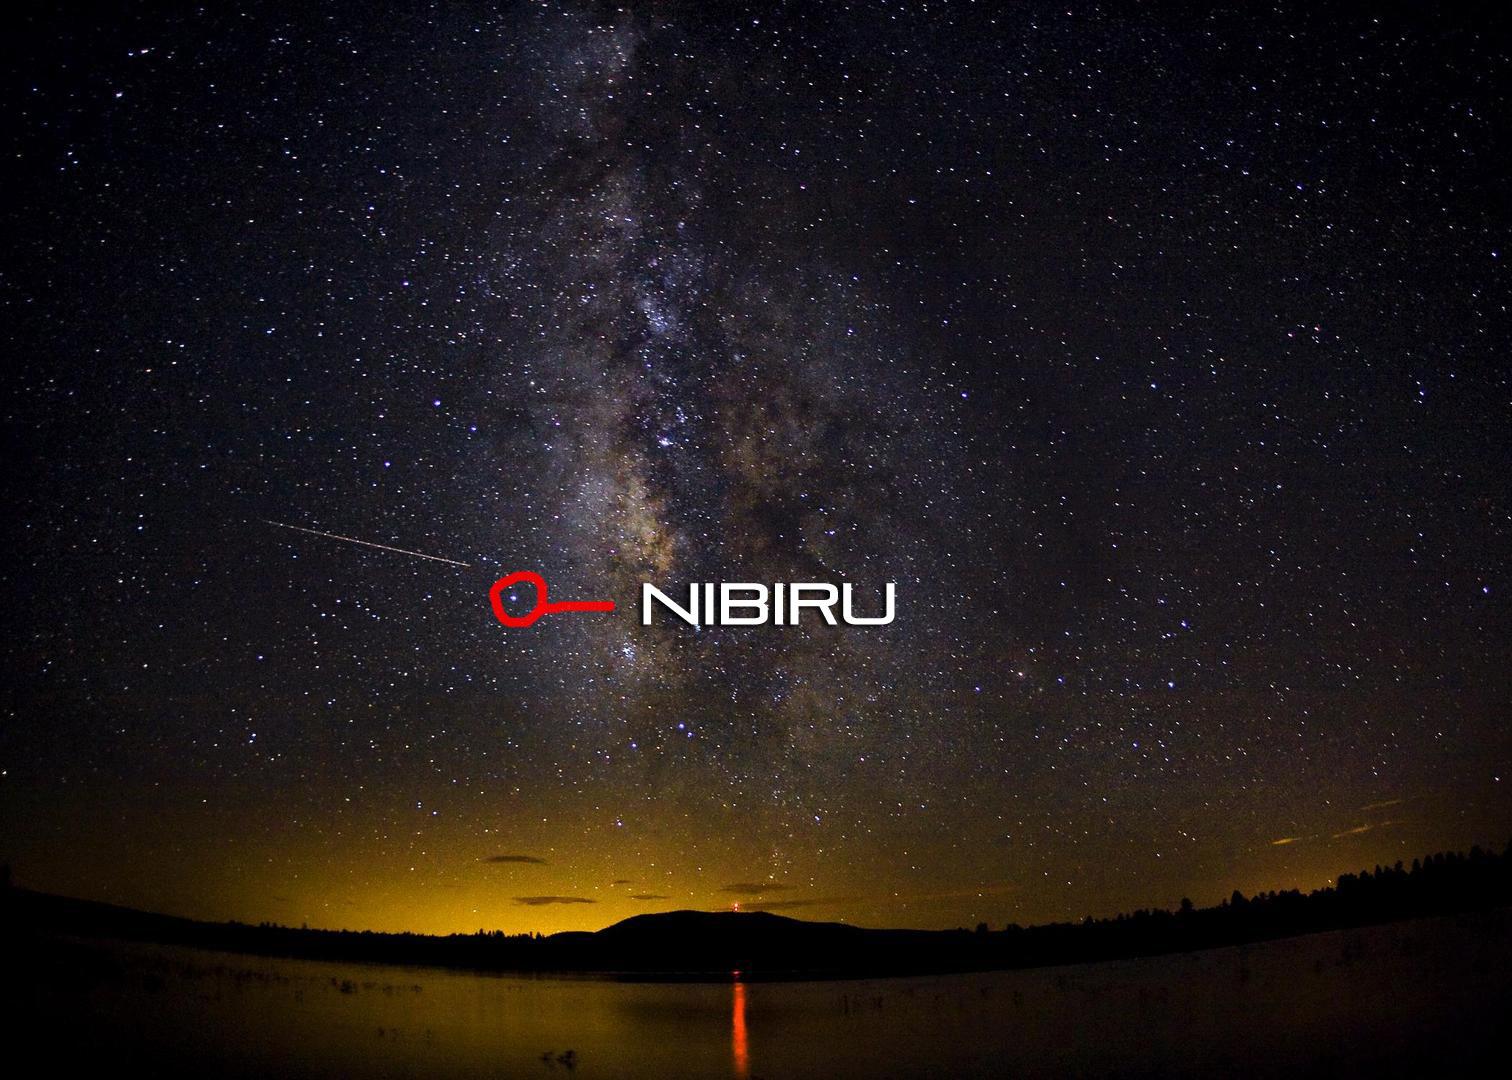 Nibiru schon sichtbar 2017